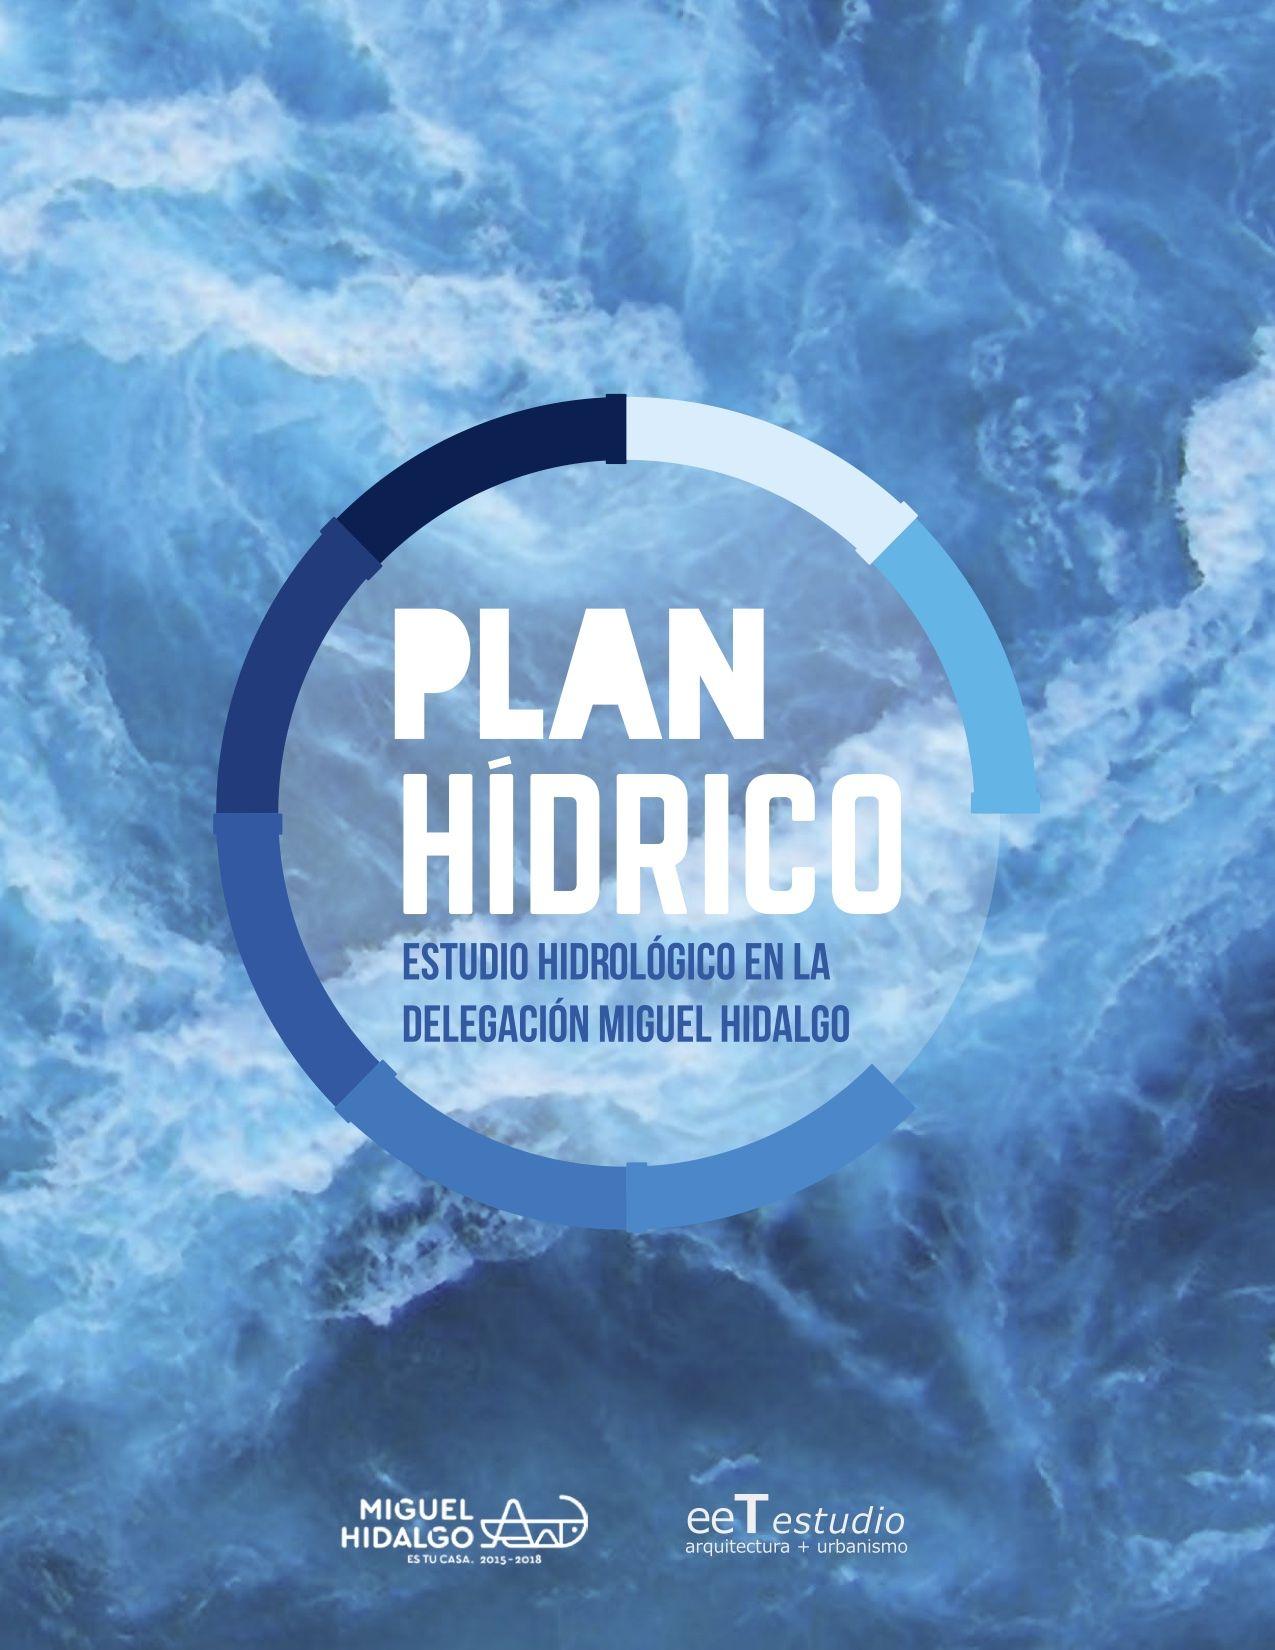 Plan Hídrico: Estudio hidrológico en la Delegación Miguel Hidalgo